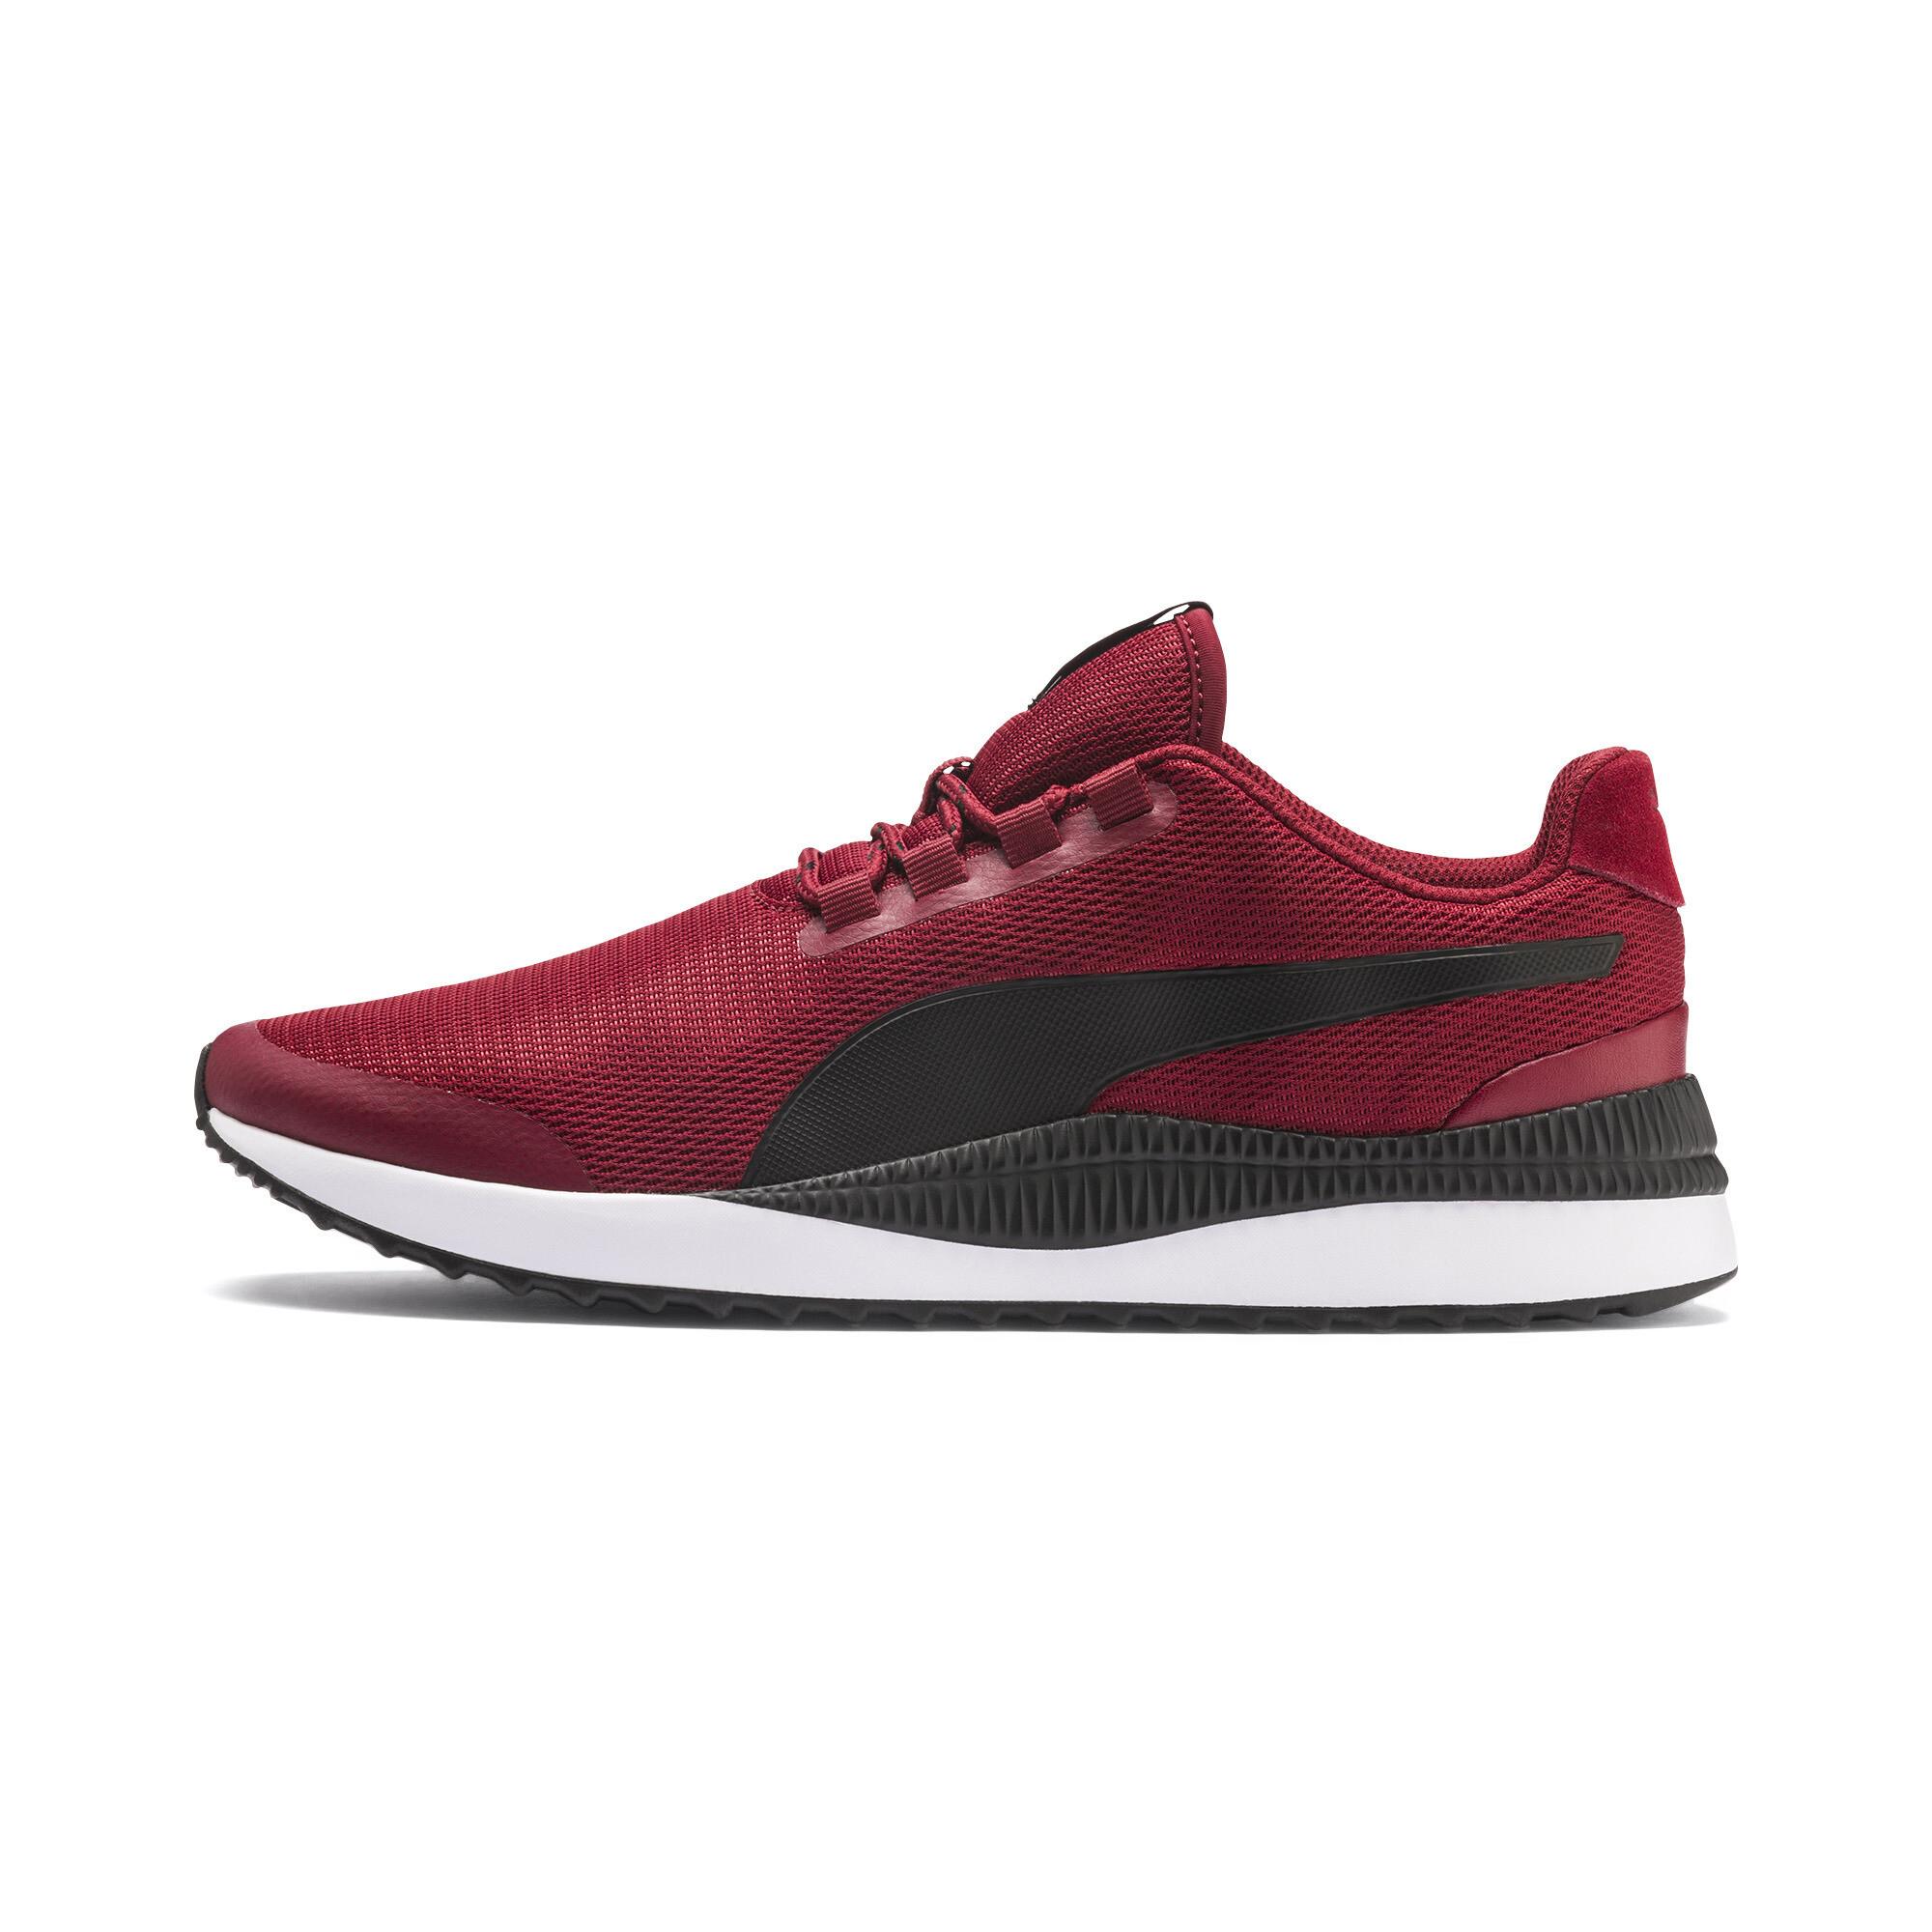 Details zu PUMA Pacer Next FS Kinder Sneaker Unisex Schuhe Basics Neu